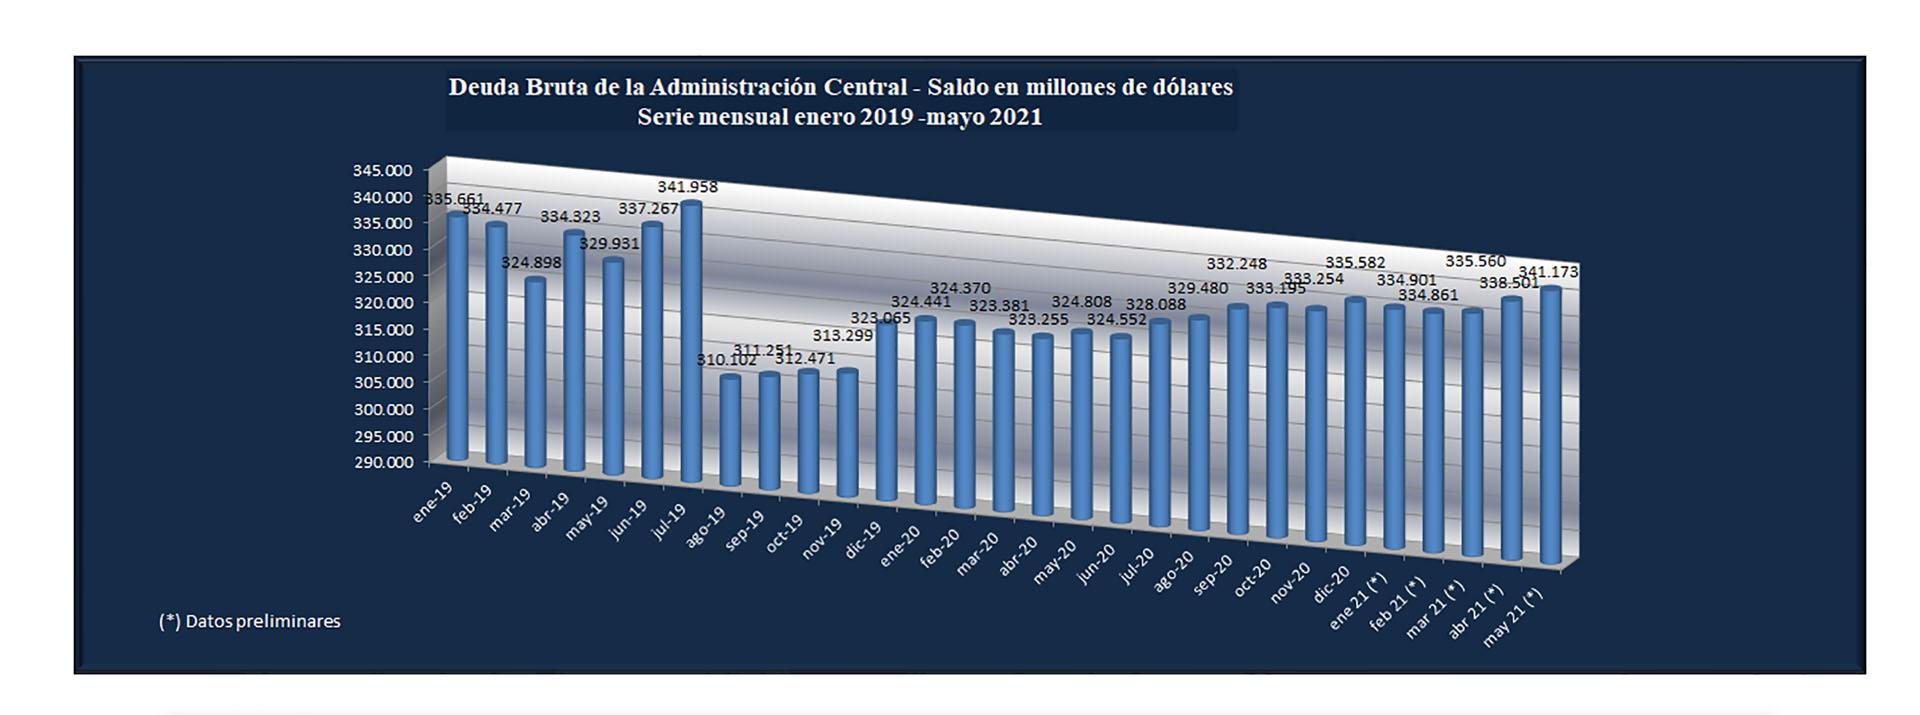 Fuente: Secretaría de Finanzas